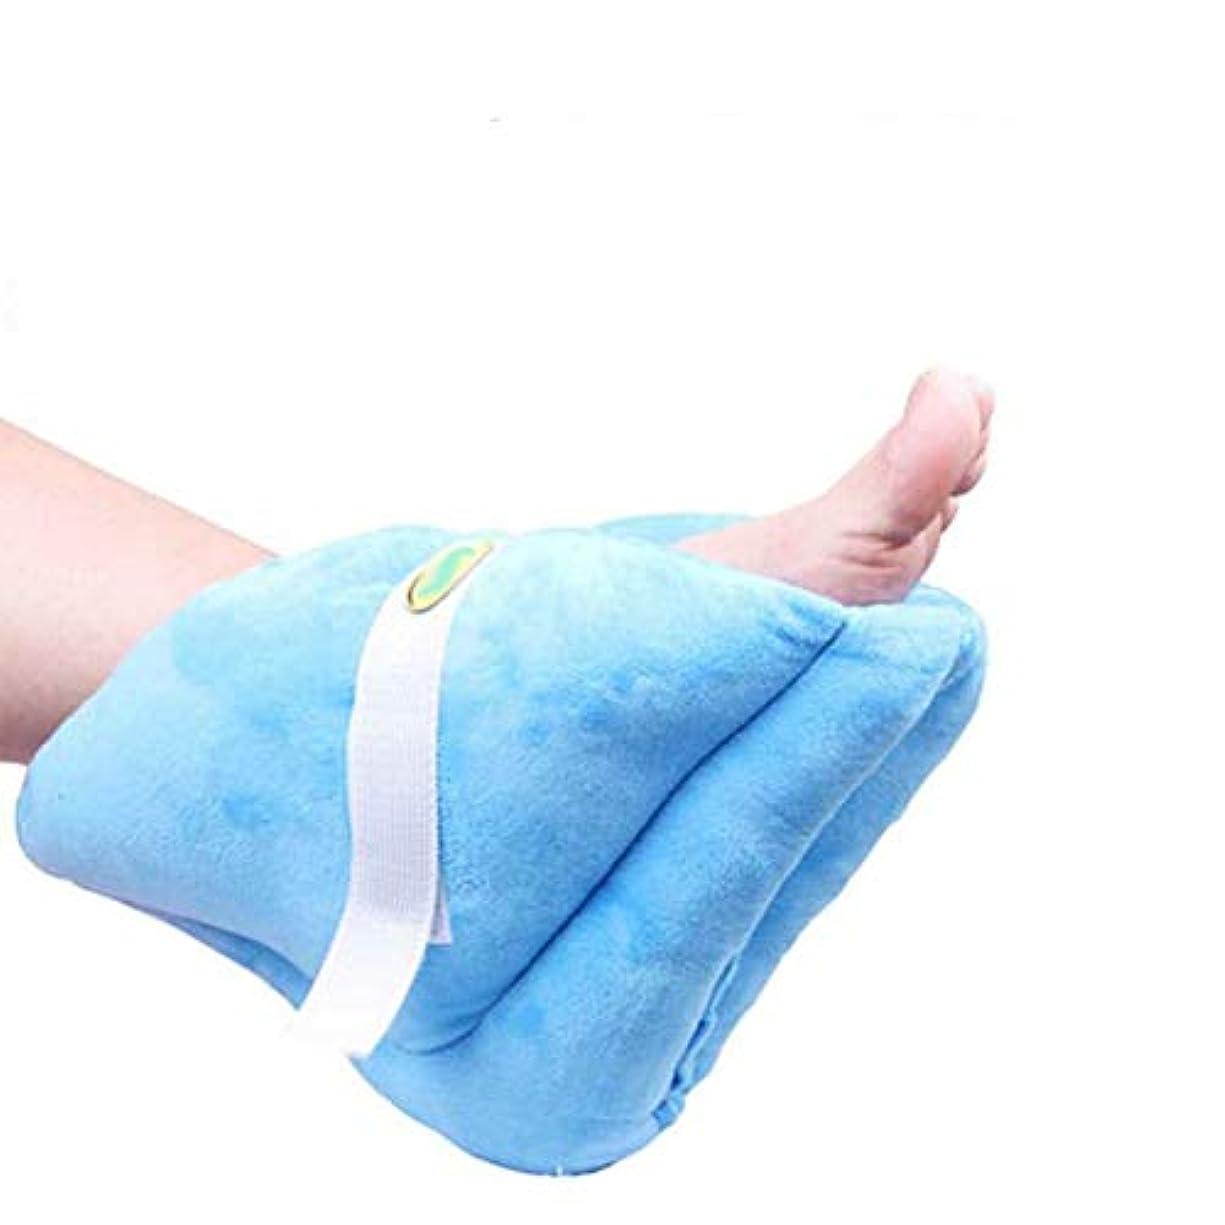 ホップ応援する脊椎ヒールクッションプロテクター - 足と足首の枕 - ヒール保護ガード - 足、肘、かかと - ベッド&褥瘡を保護します,2pcs